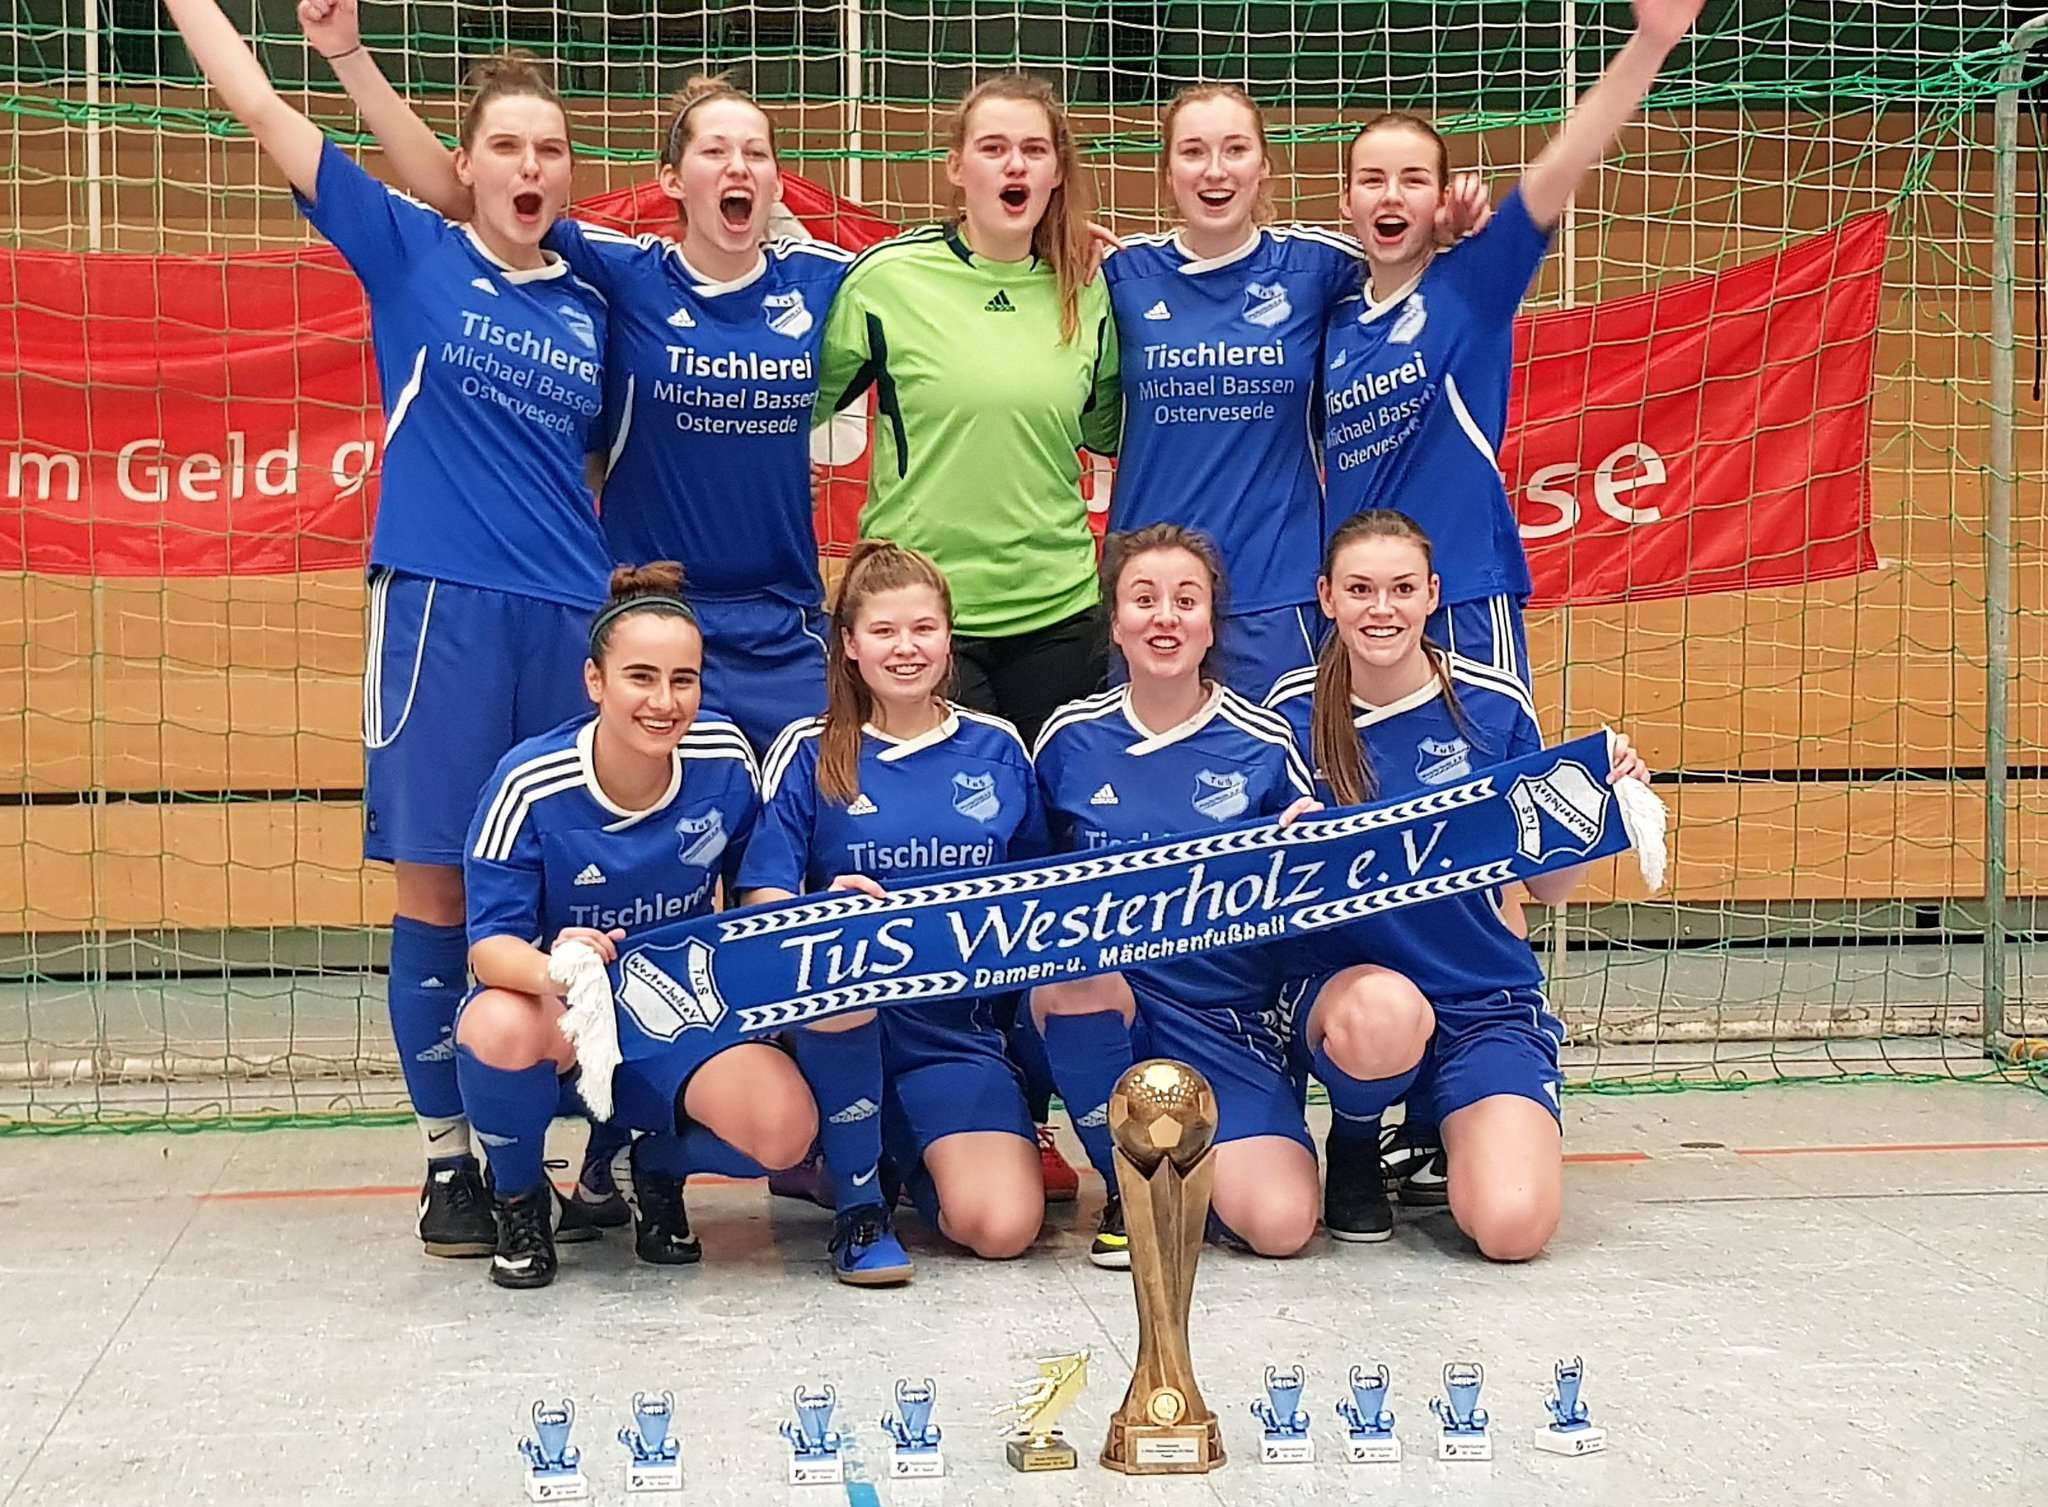 Zum siegreichen Team des TuS Westerholz gehören Tabea Albers, Bushra Arifi, Marleen Delventhal, Sonja Döhren, Tabea Link, Celine Lutz, Floris Meier, Imke Seyer und Dorit Weseloh.